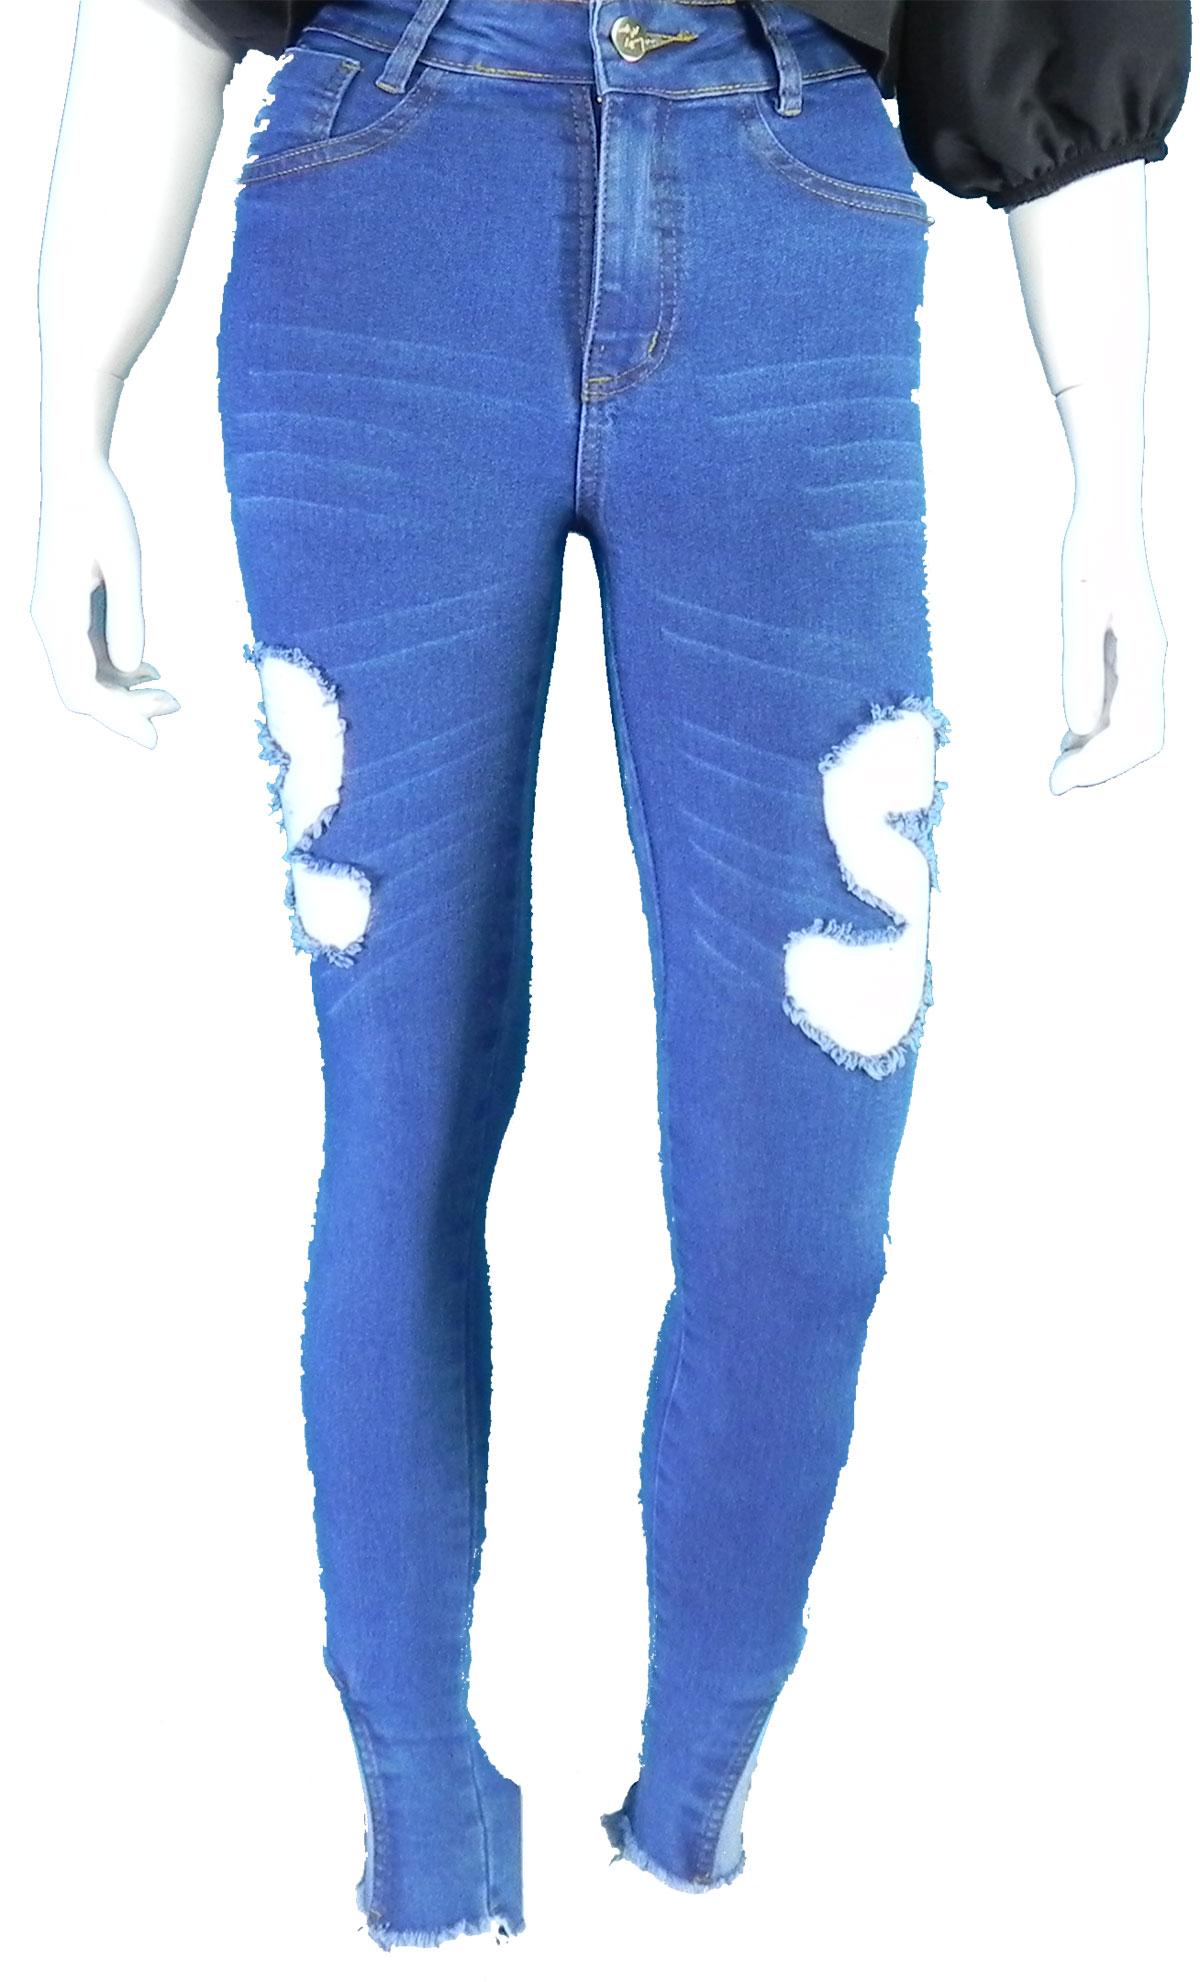 Calça Feminina Jeans Cós Alto Destoyed  Conexão